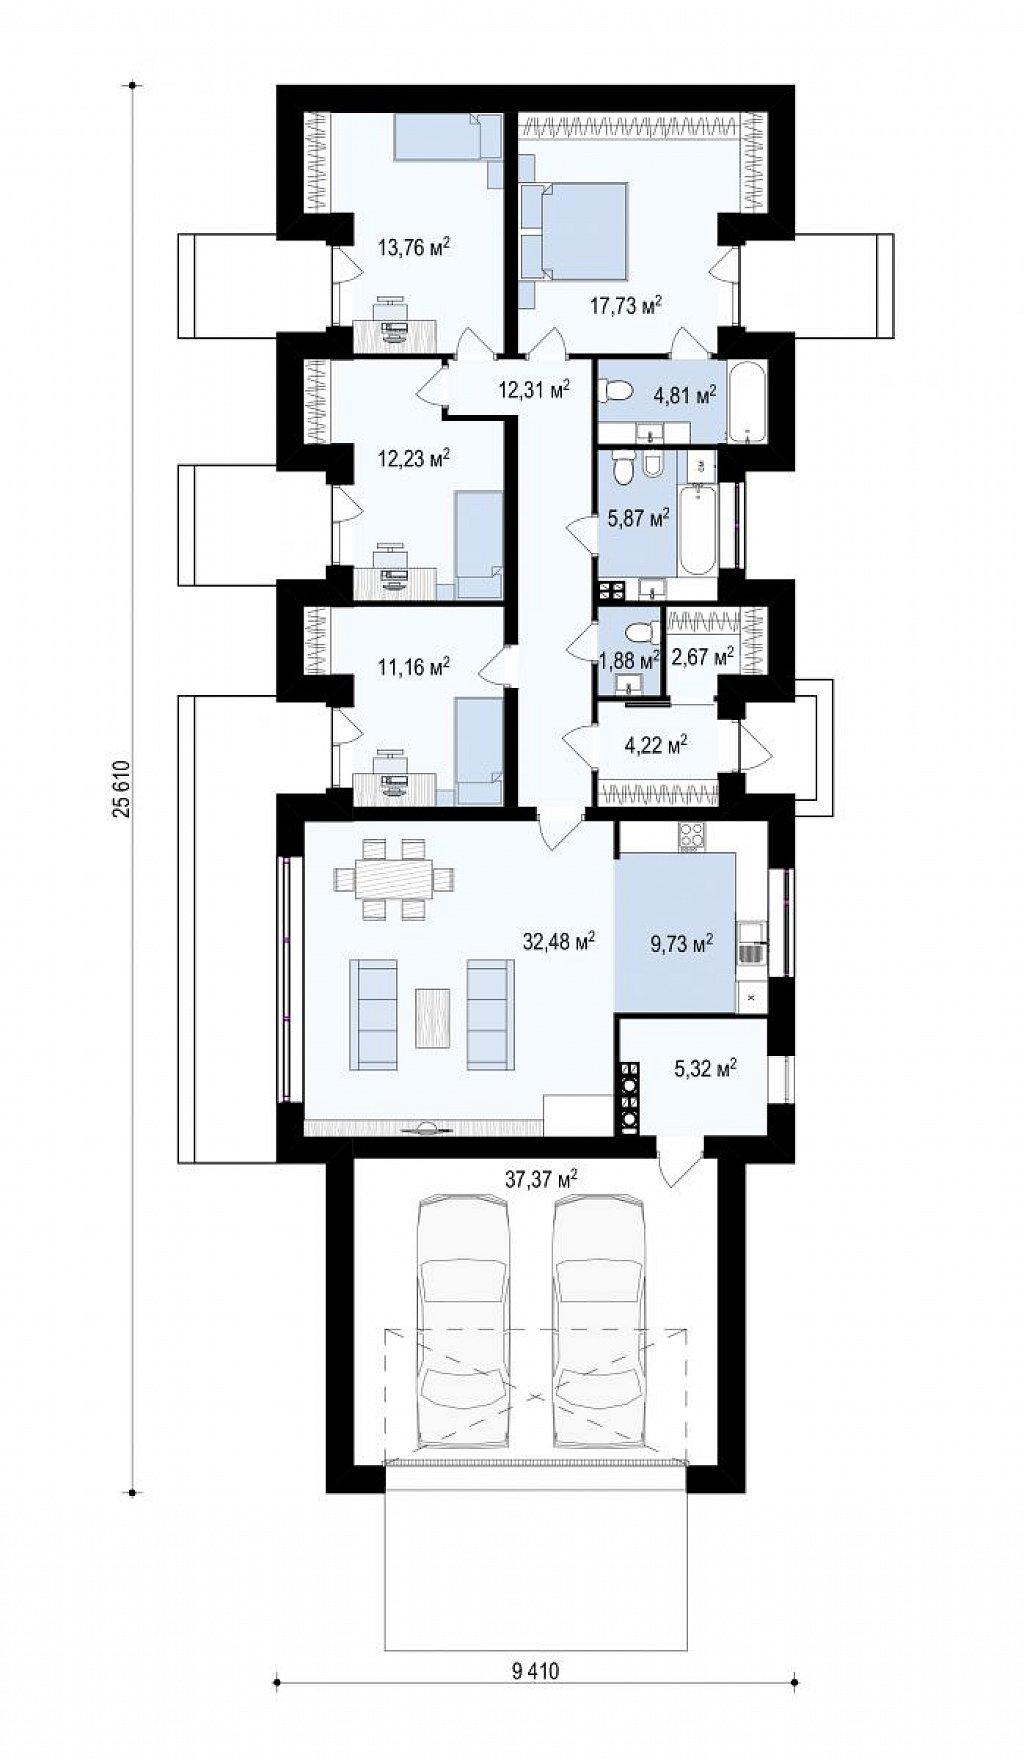 Дом в необычном современном стиле для большой семьи план помещений 1